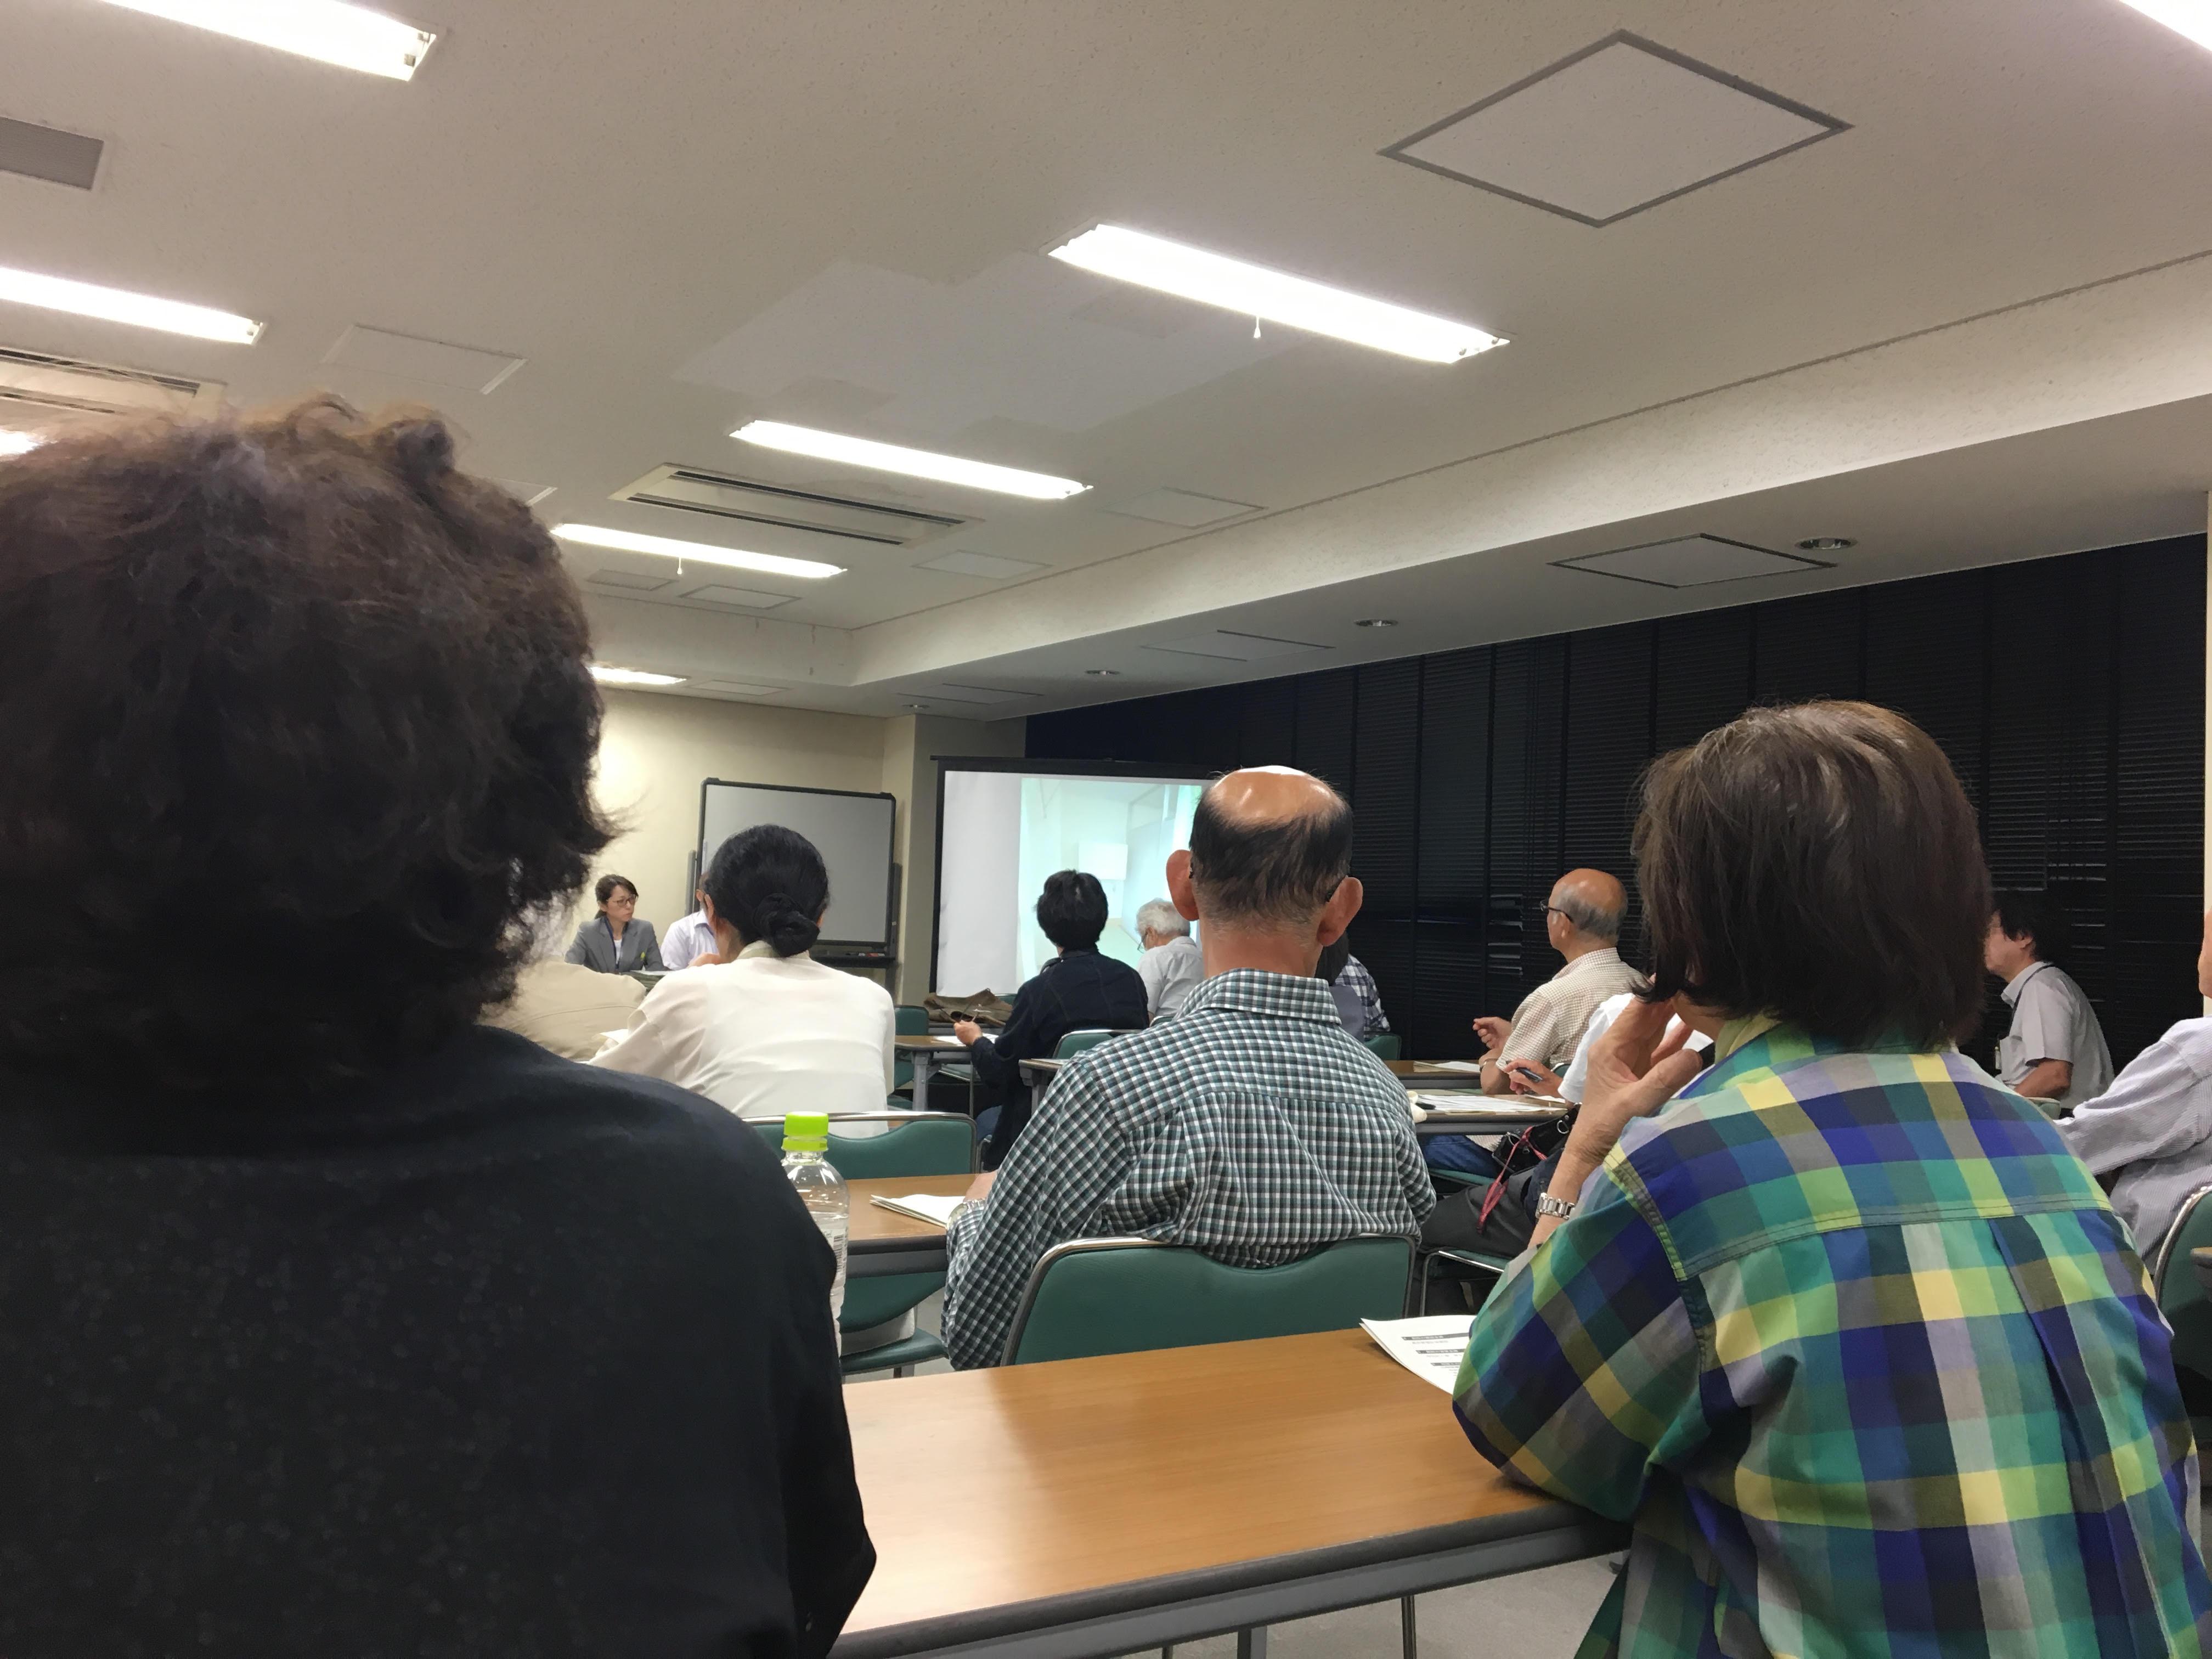 自立支援センターの設置に関する住民説明会に参加しました。